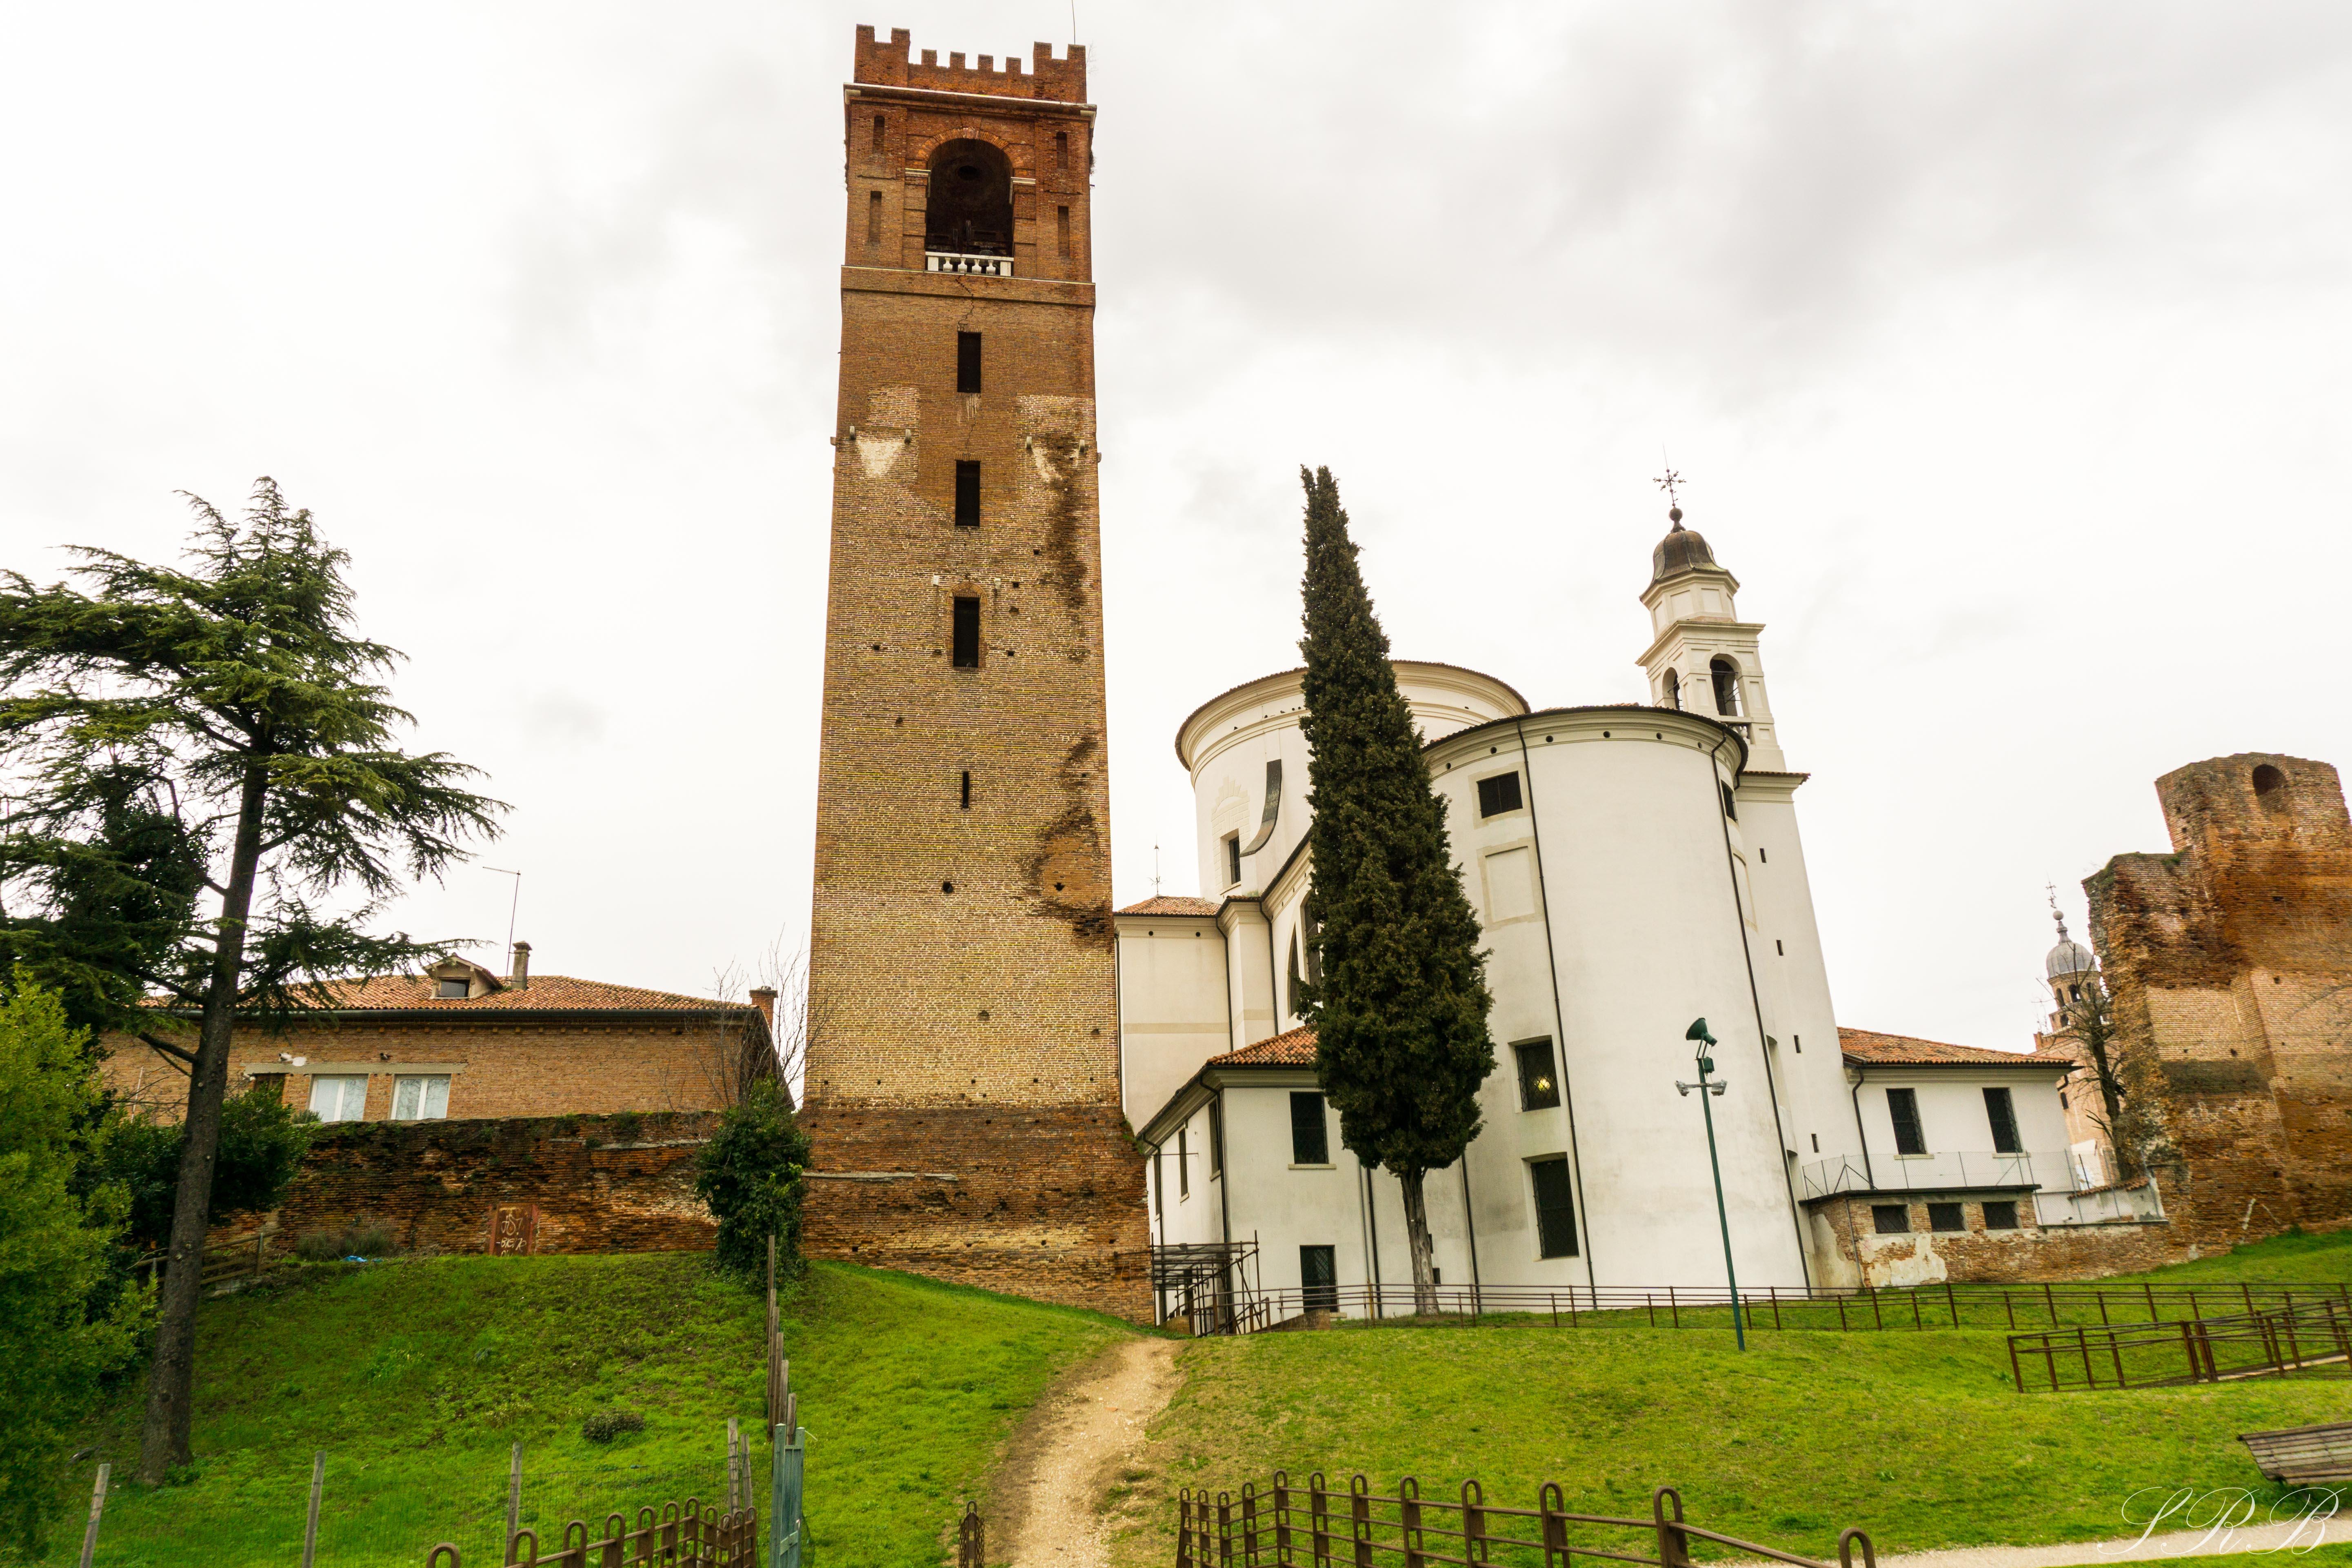 Cathedral in Castelfranco Veneto